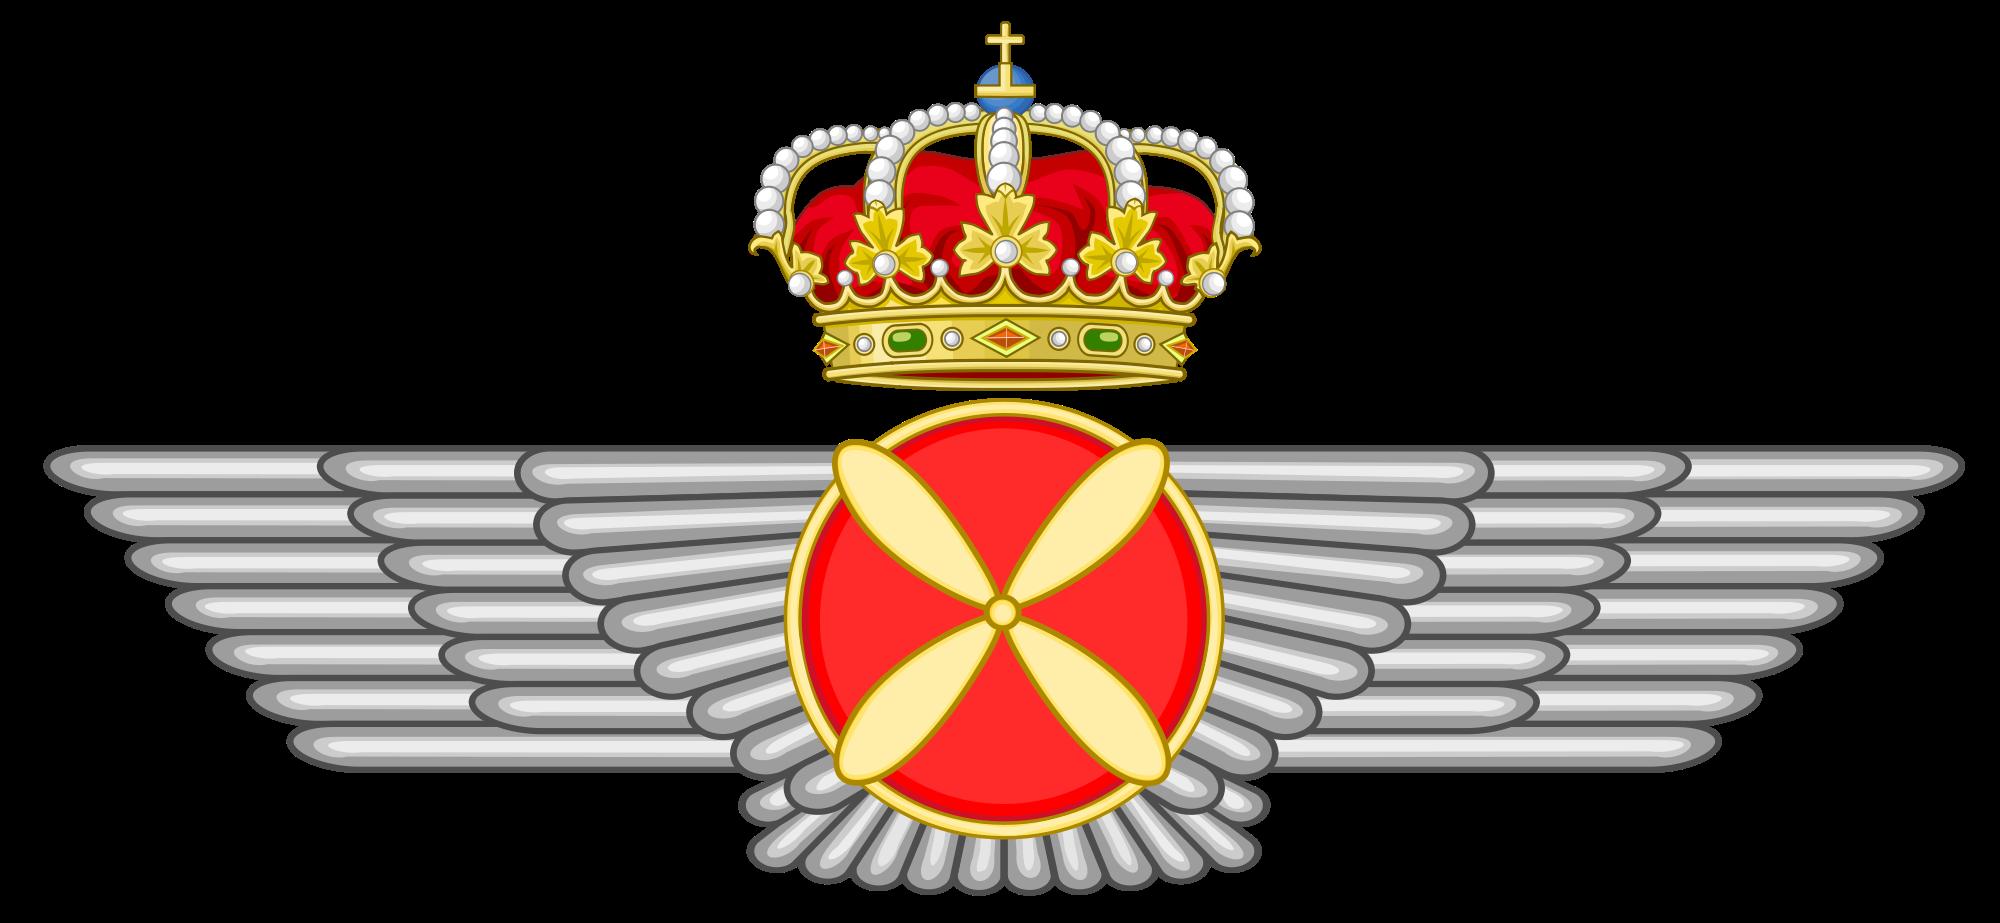 Pilot clipart air force pilot. File emblem of the